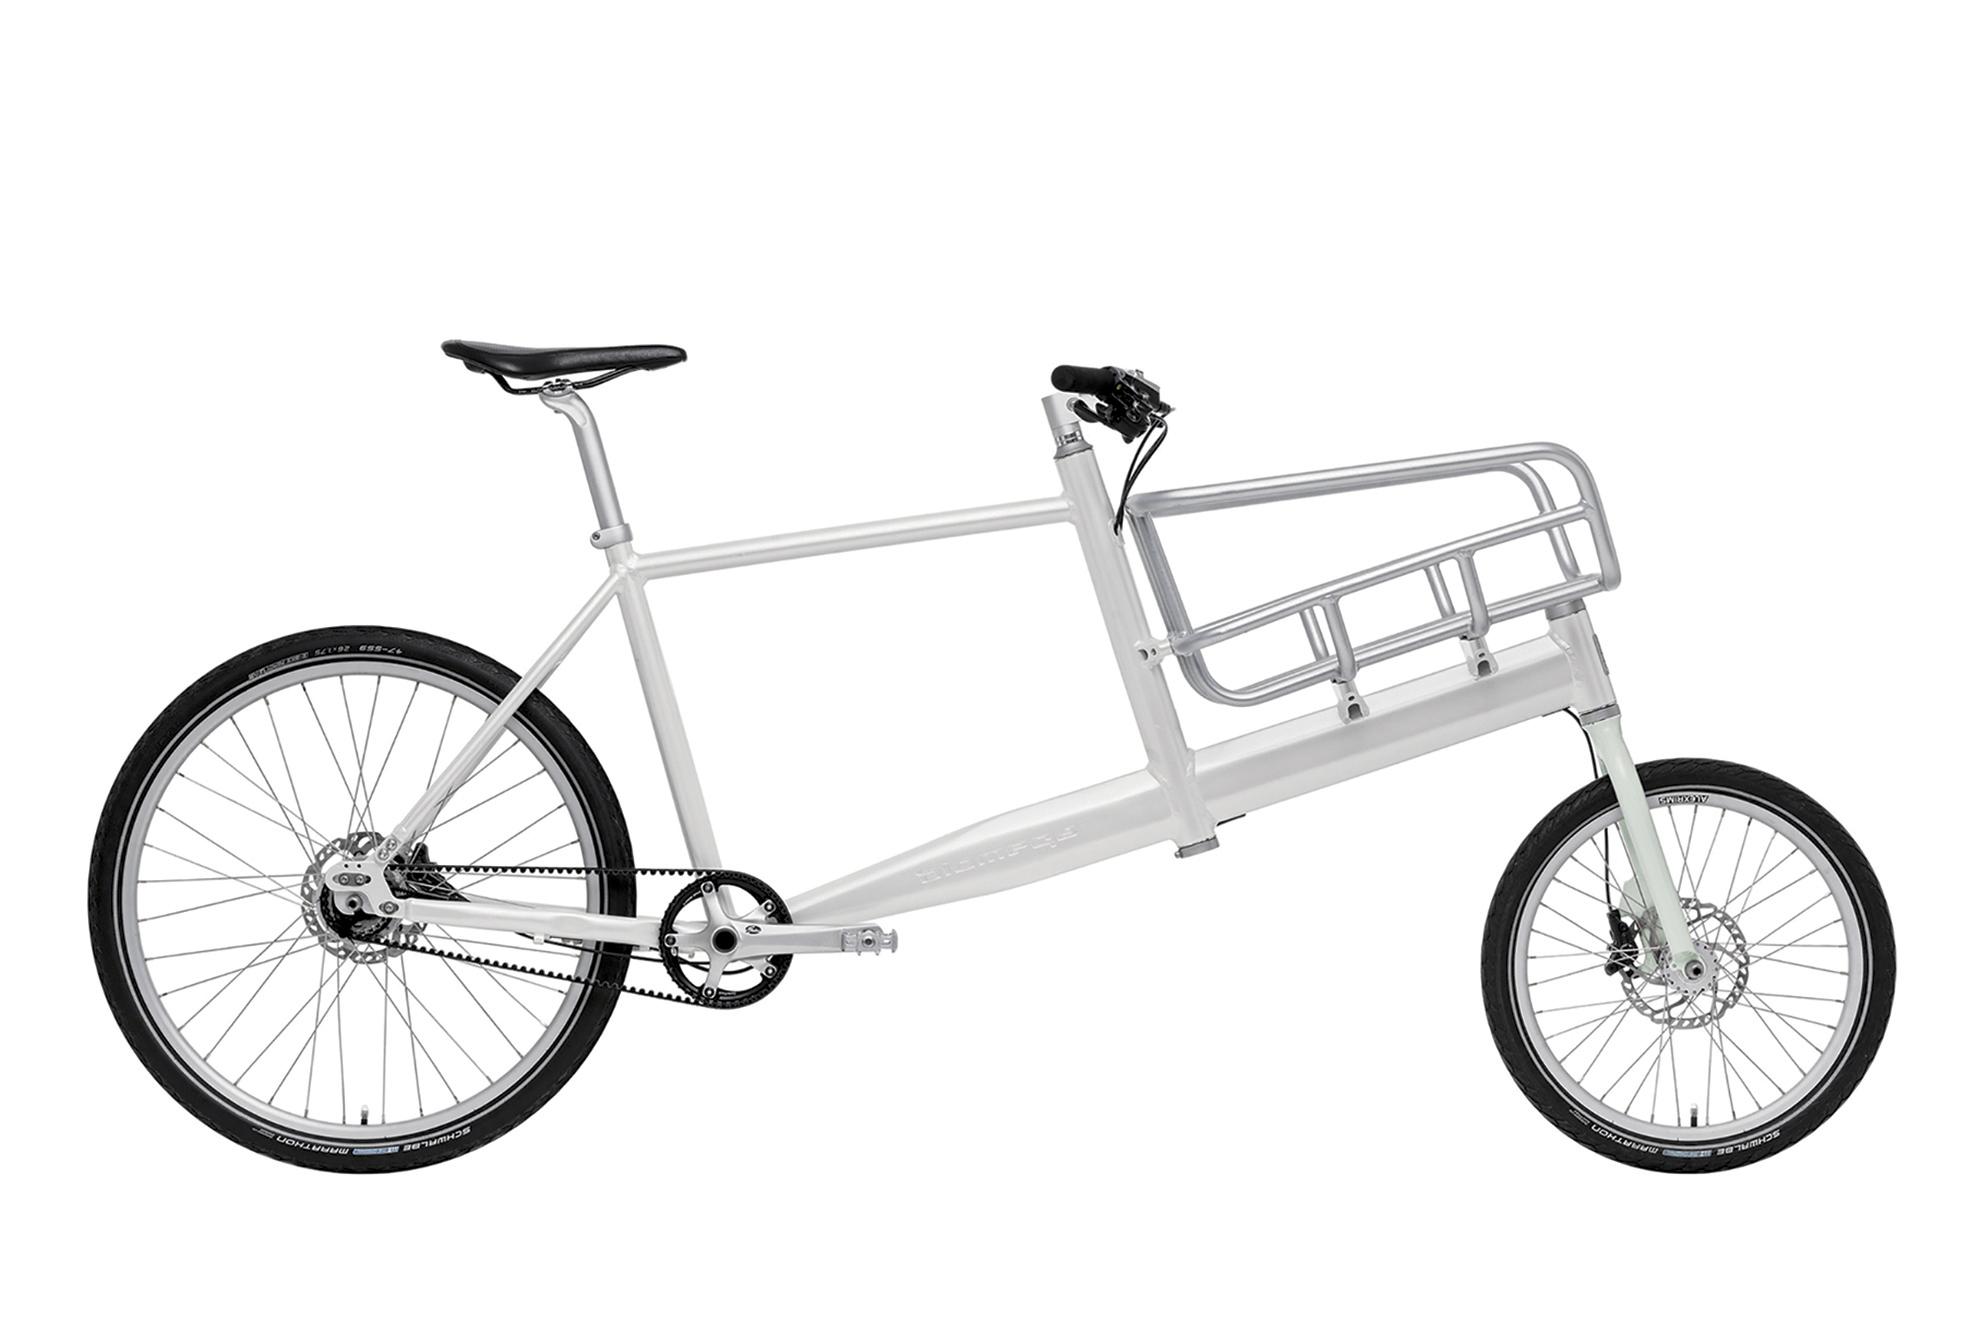 キビースィ自転車〈PEK〉 2015年 ビオミーガ デンマーク・デザイン博物館 Photo:Biomega